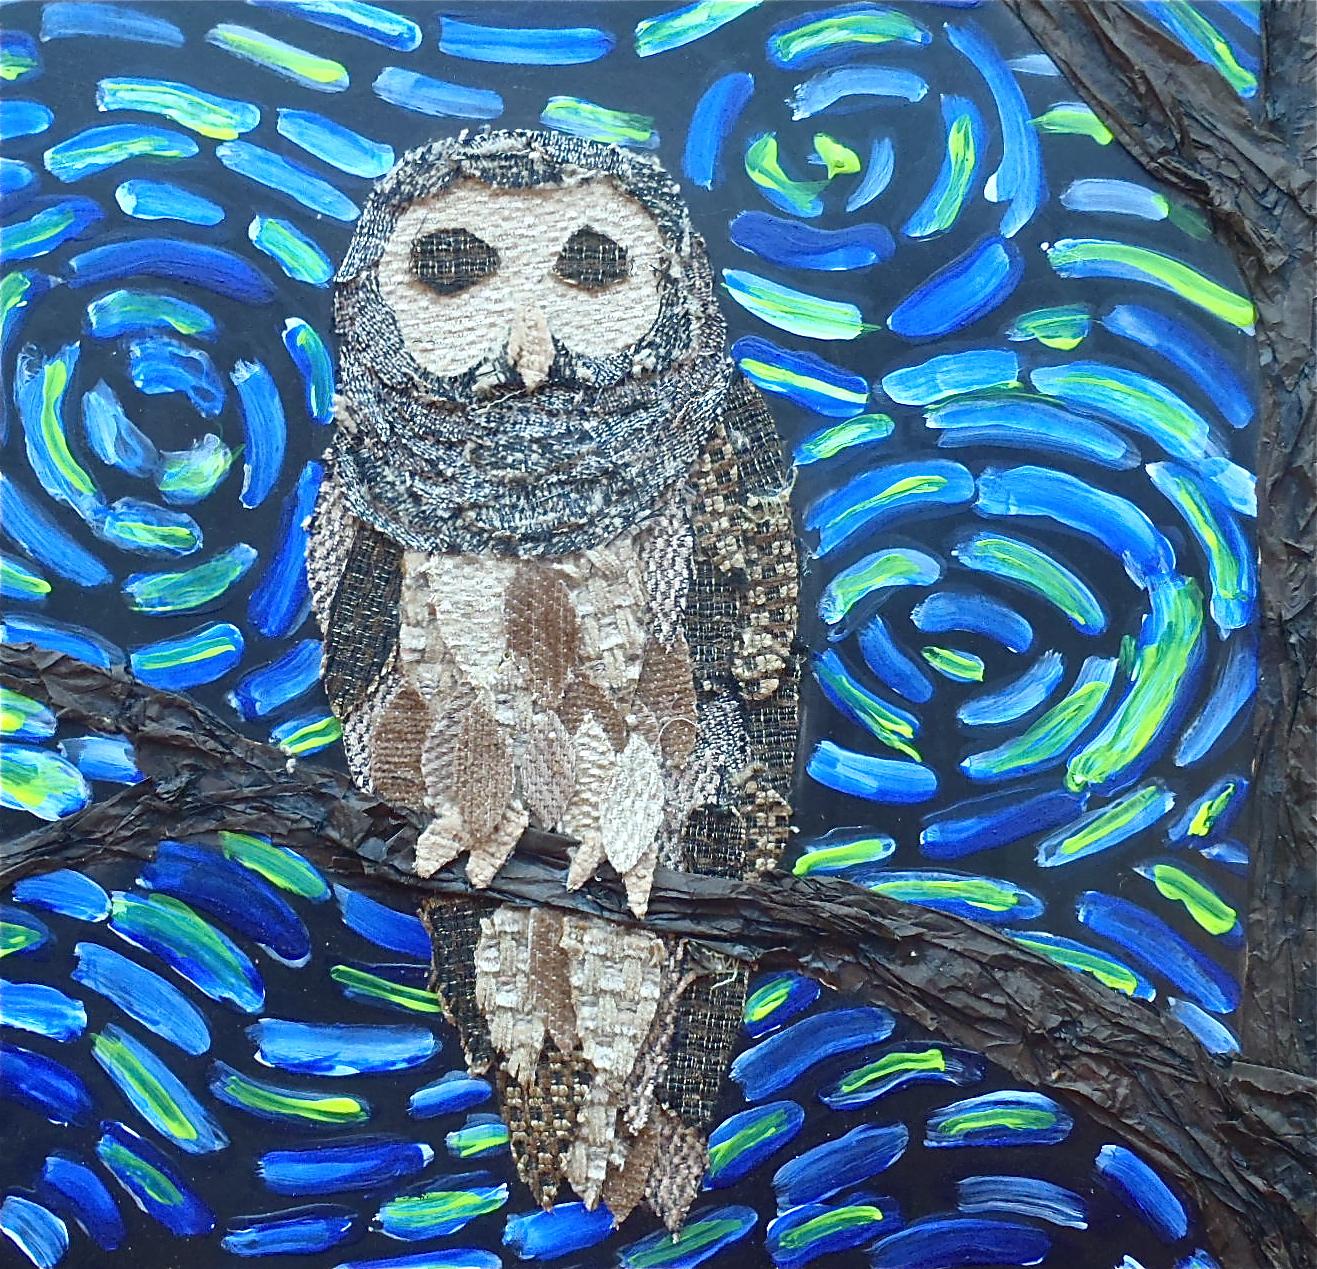 http://1.bp.blogspot.com/__qGPPbf0Yws/TT2R1KwEwKI/AAAAAAAAALQ/YFyDoGK-Kfw/s1600/The+Owl%252C+Mixed+Media.JPG